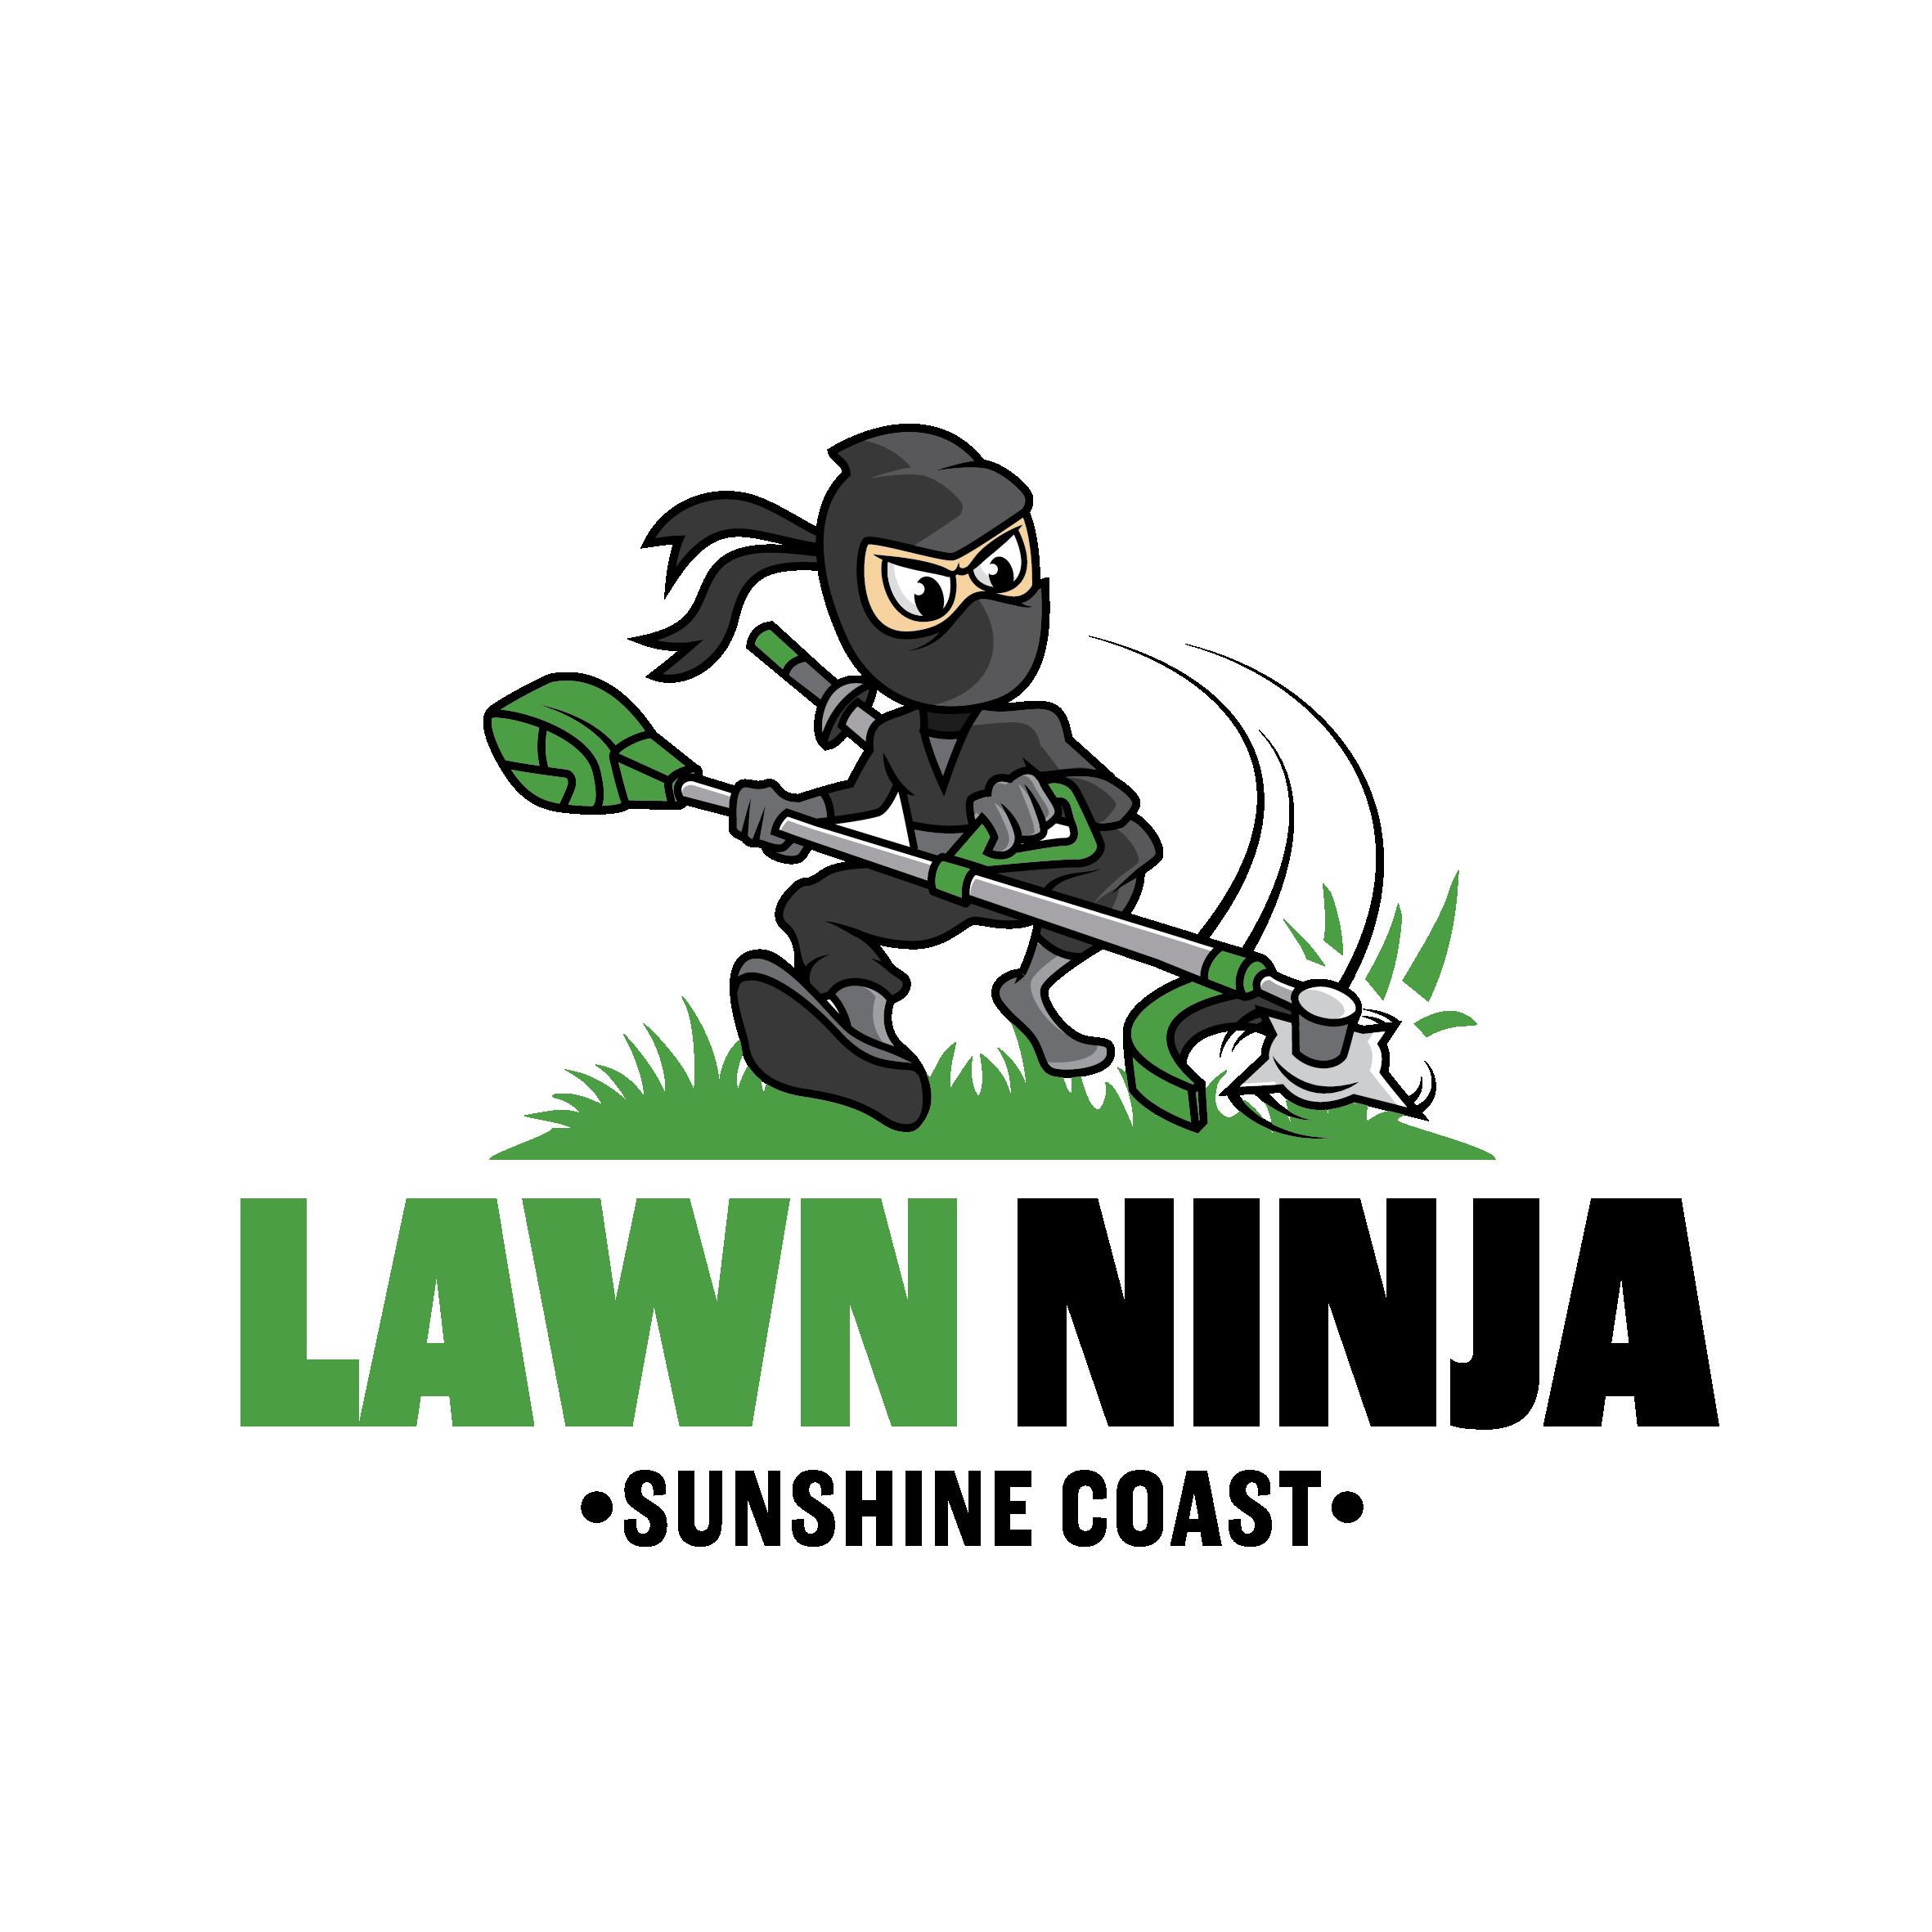 Lawn ninja